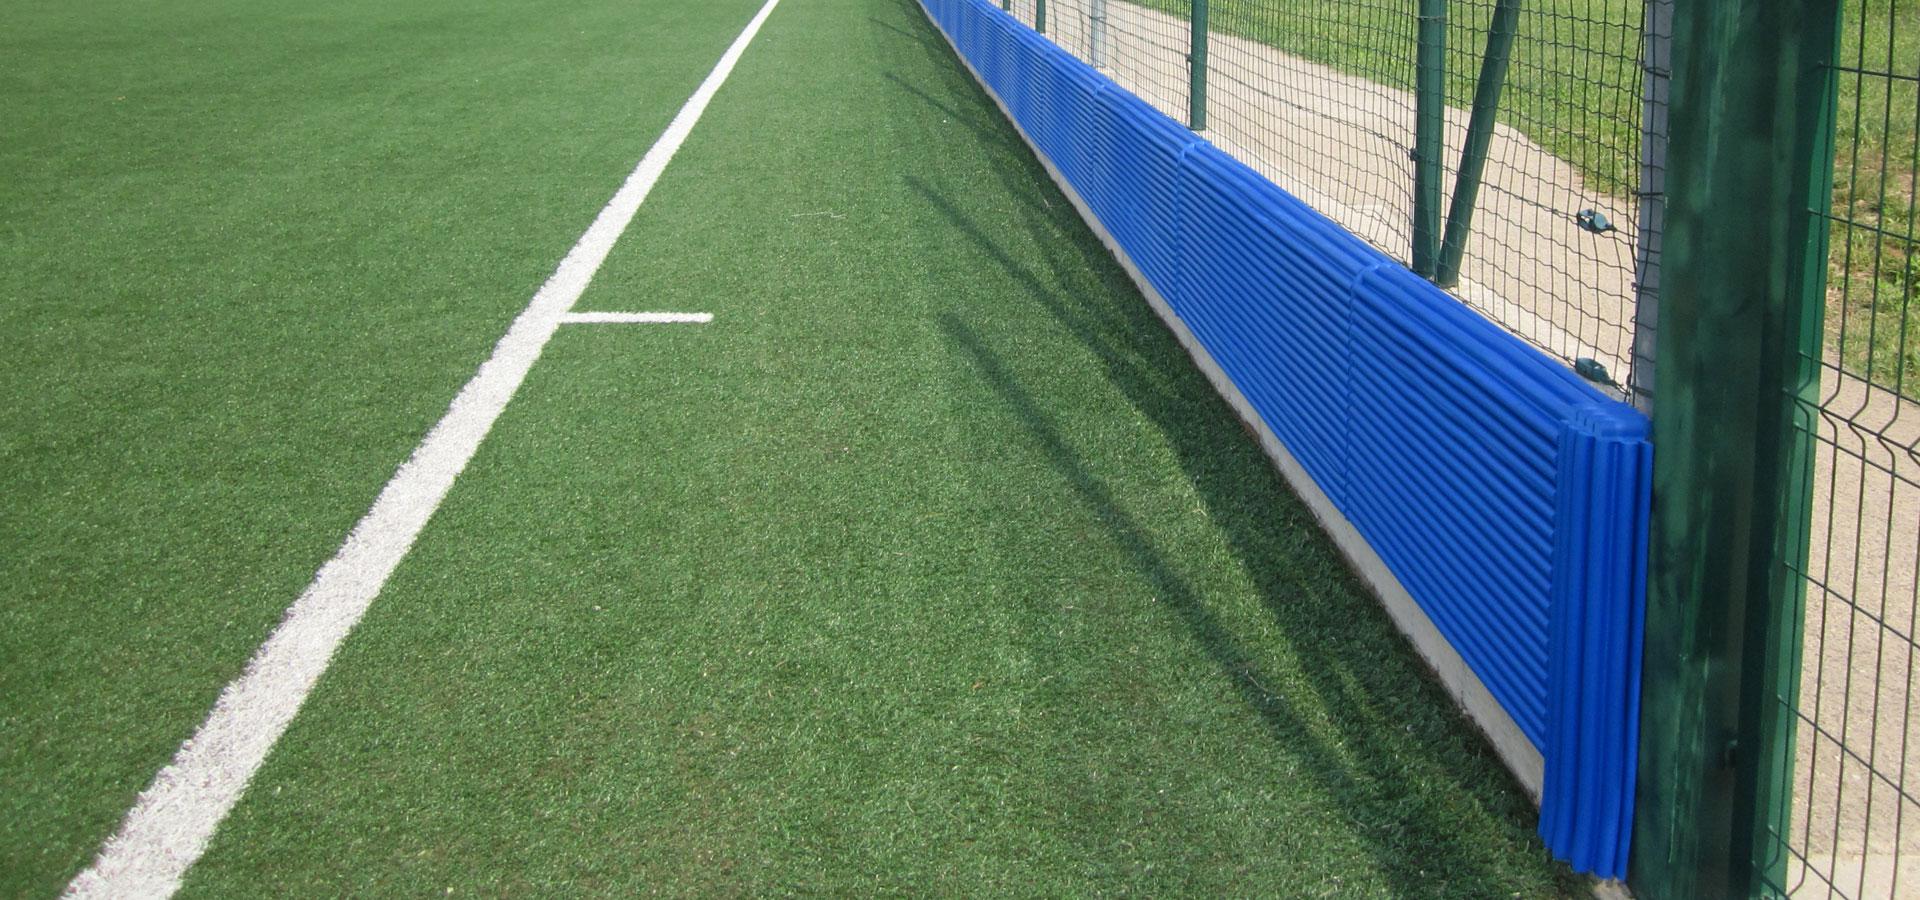 protezioni antitrauma impianti sportivi uni en 913